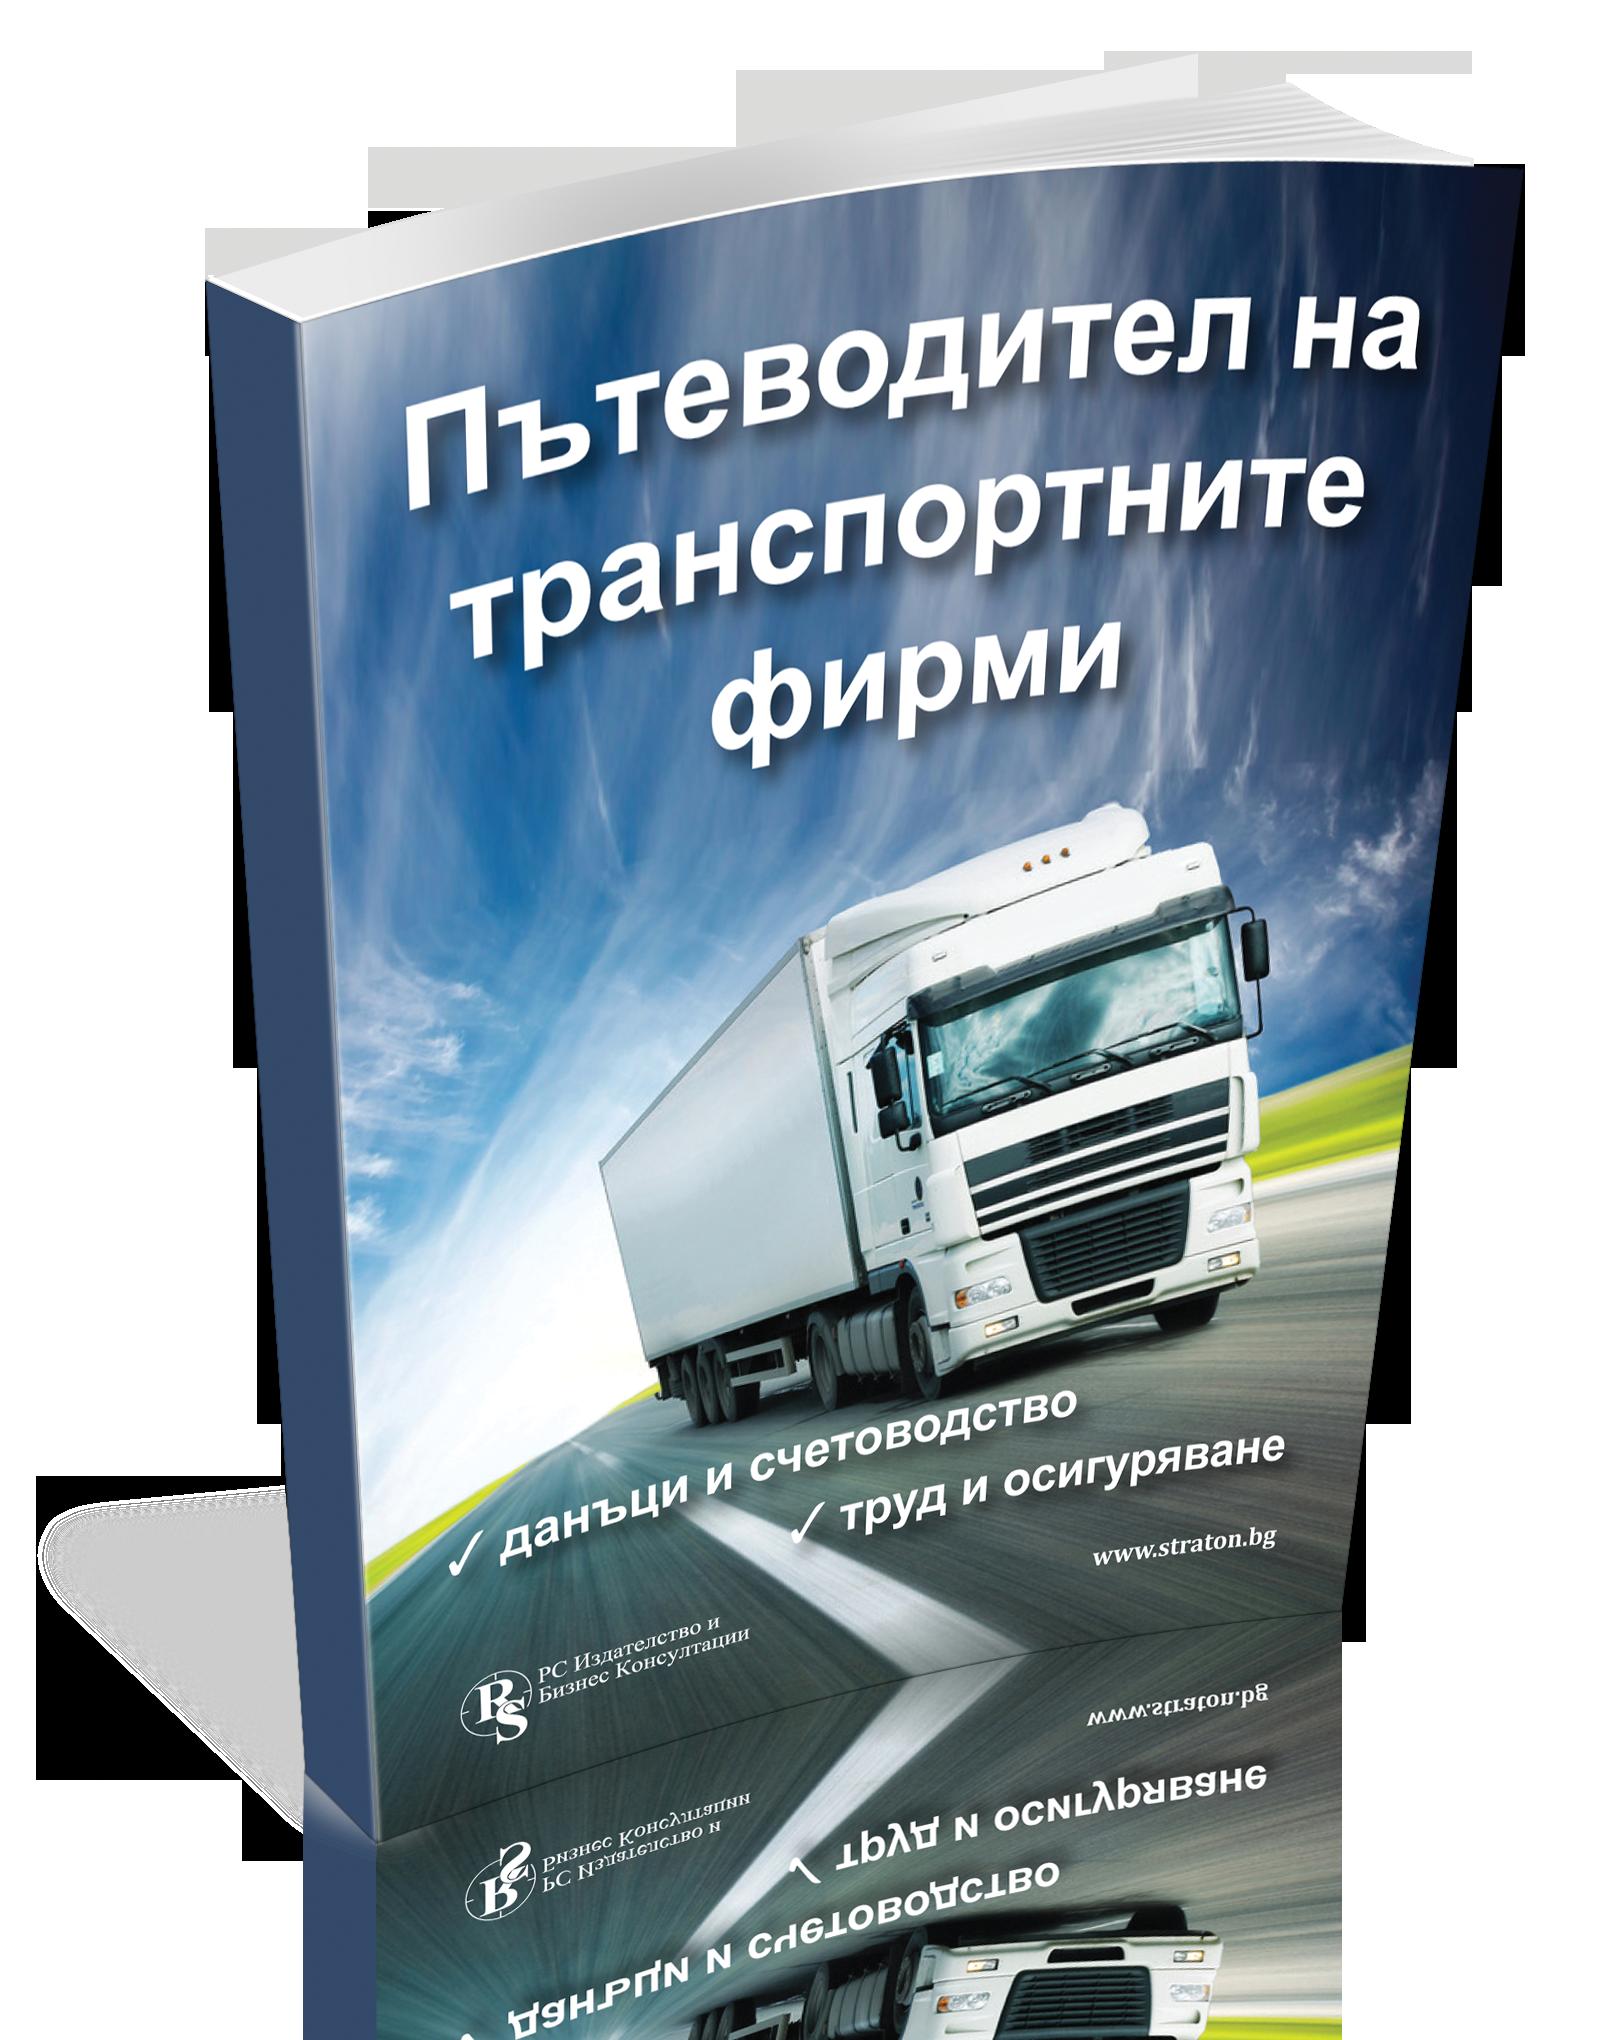 В електронен формат: Пътеводител на транспортните фирми